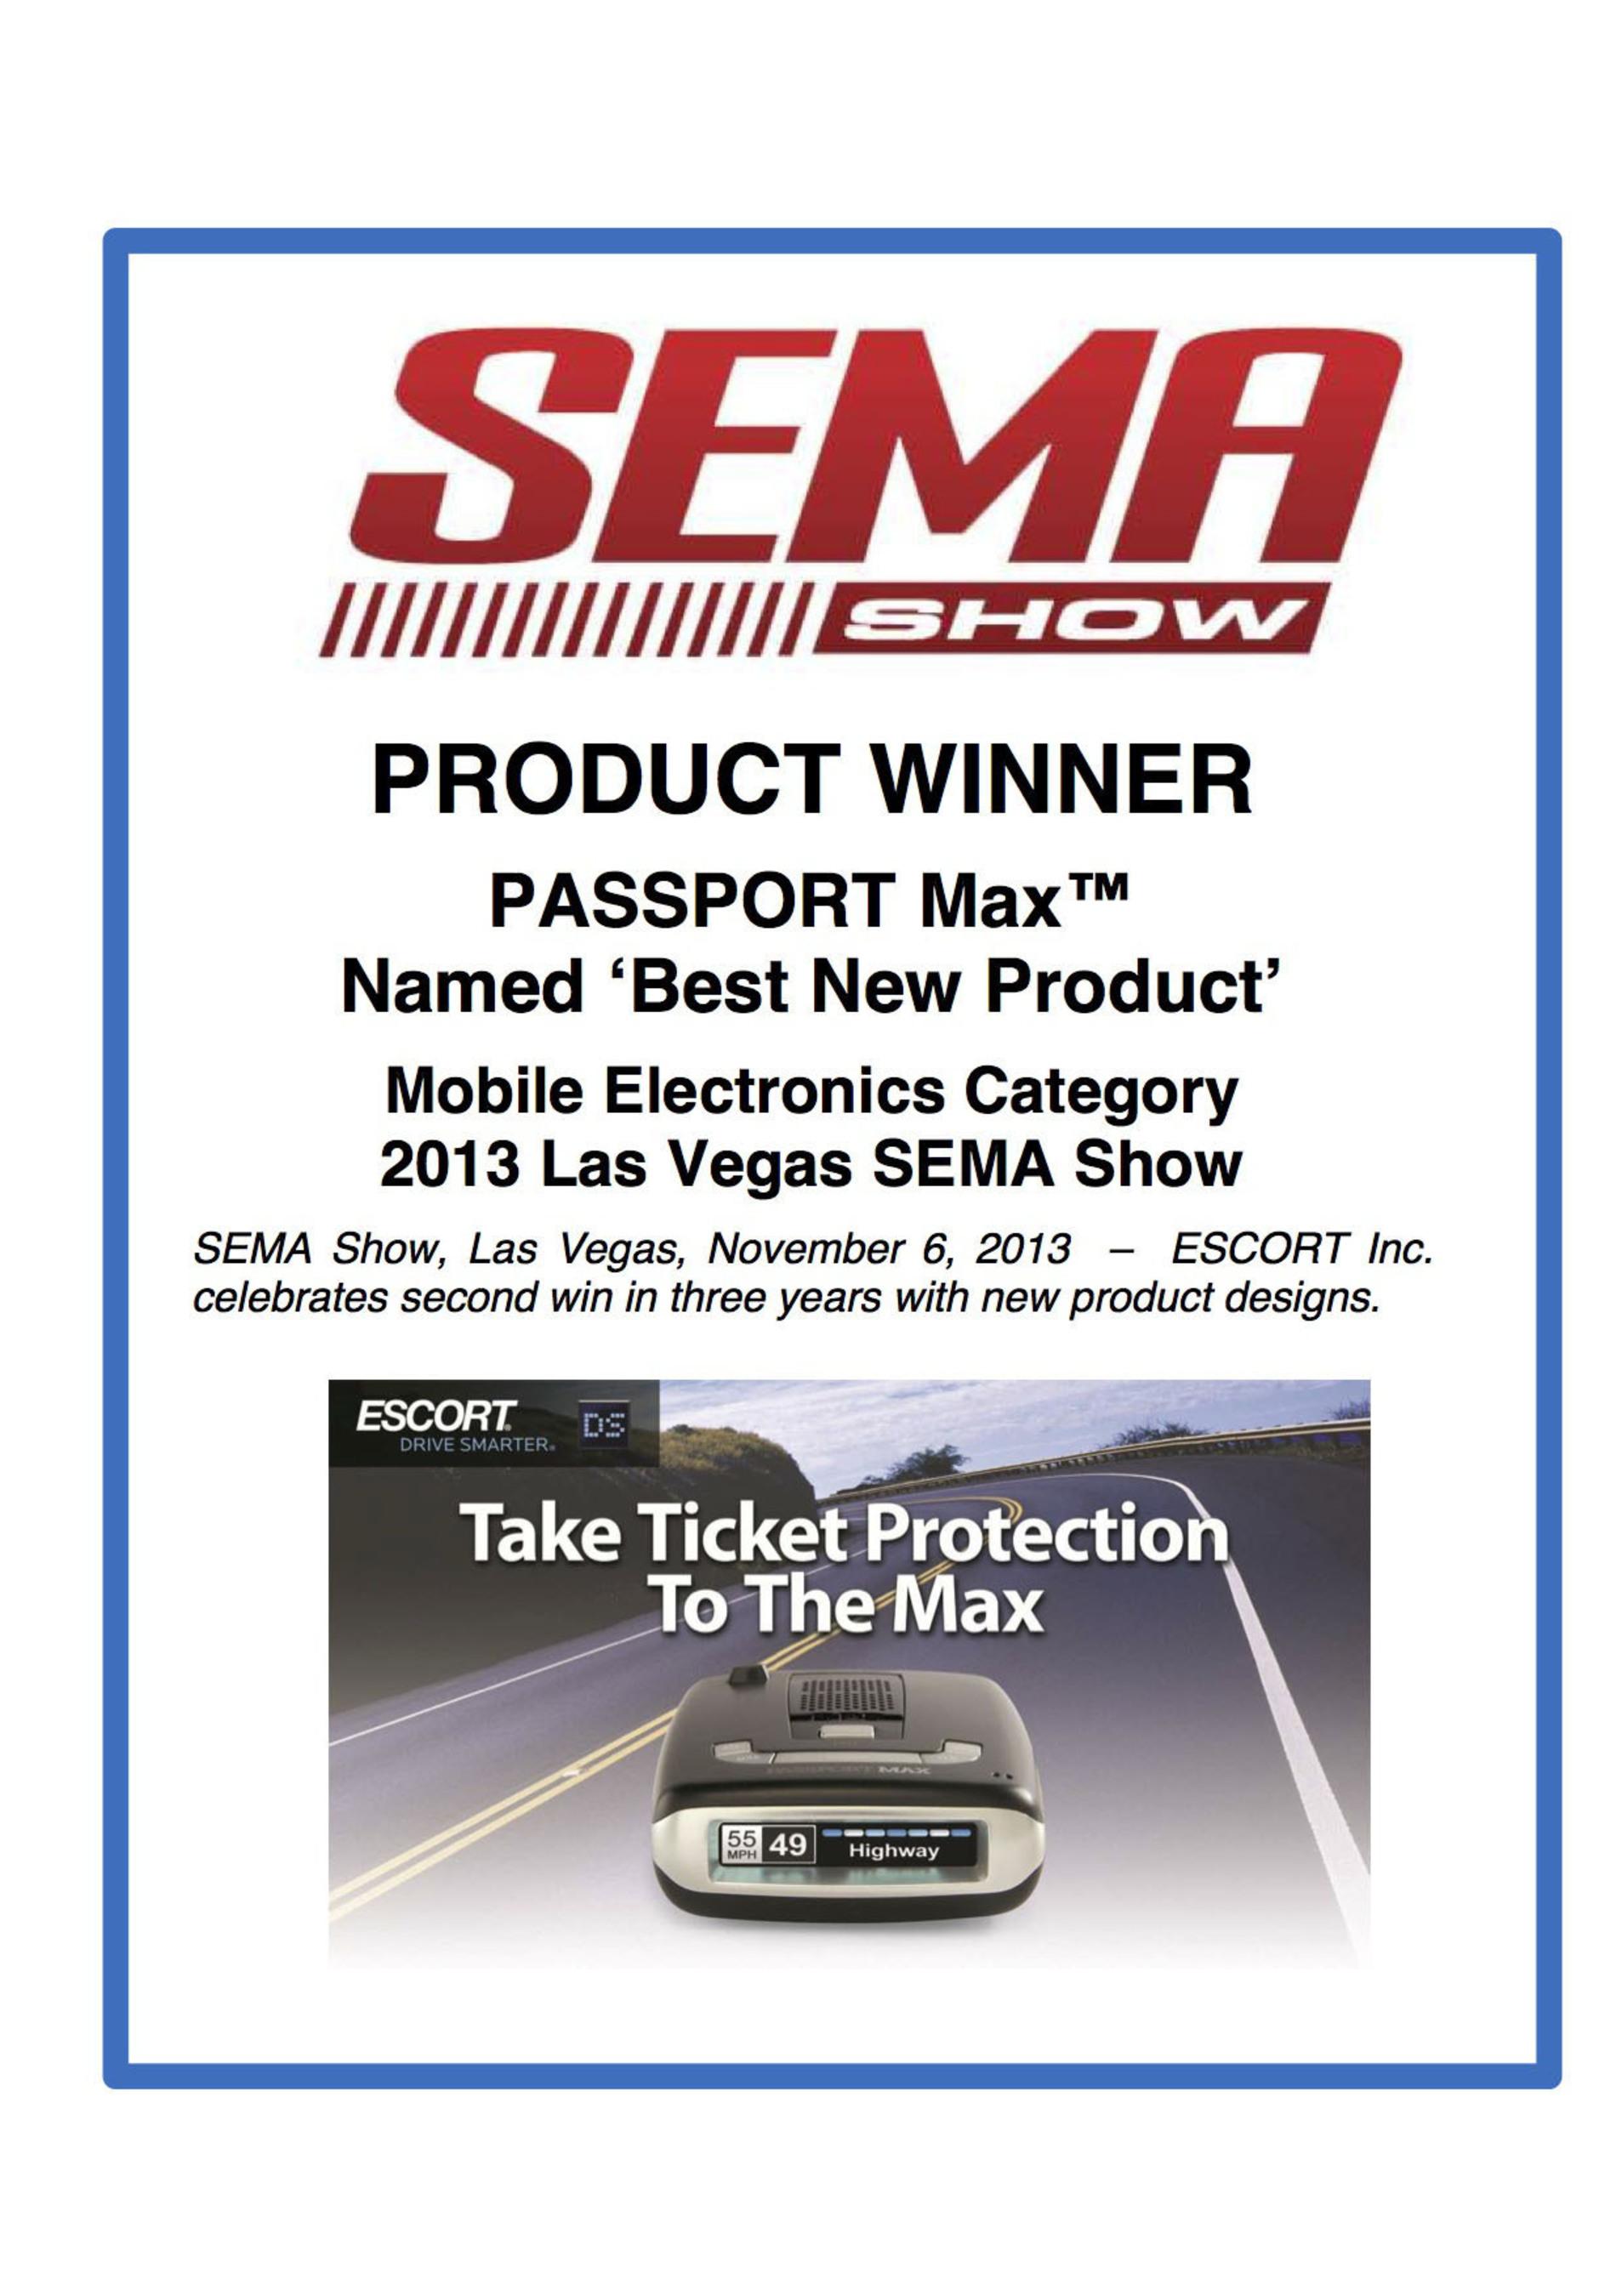 SEMA Show 'Best New Product' Award.  (PRNewsFoto/ESCORT Inc.)